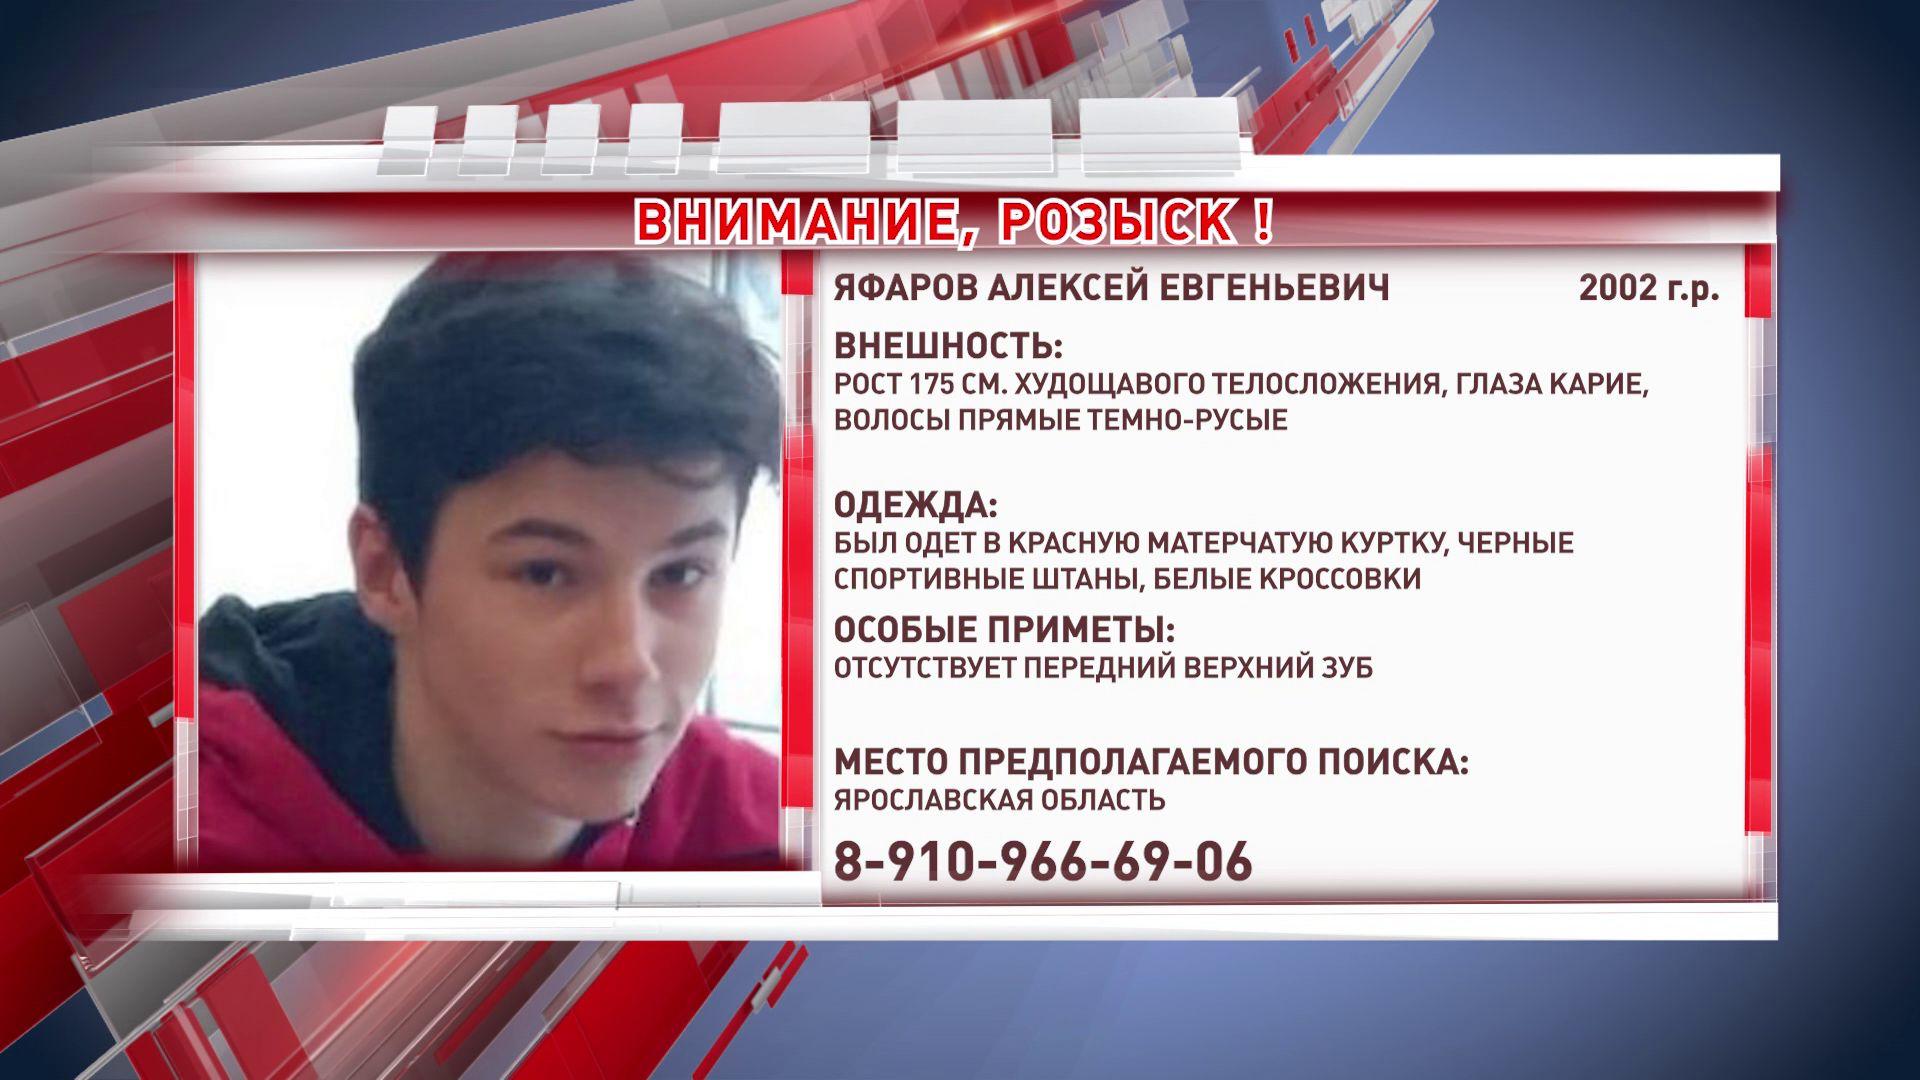 В регионе пропал 18-летний молодой человек